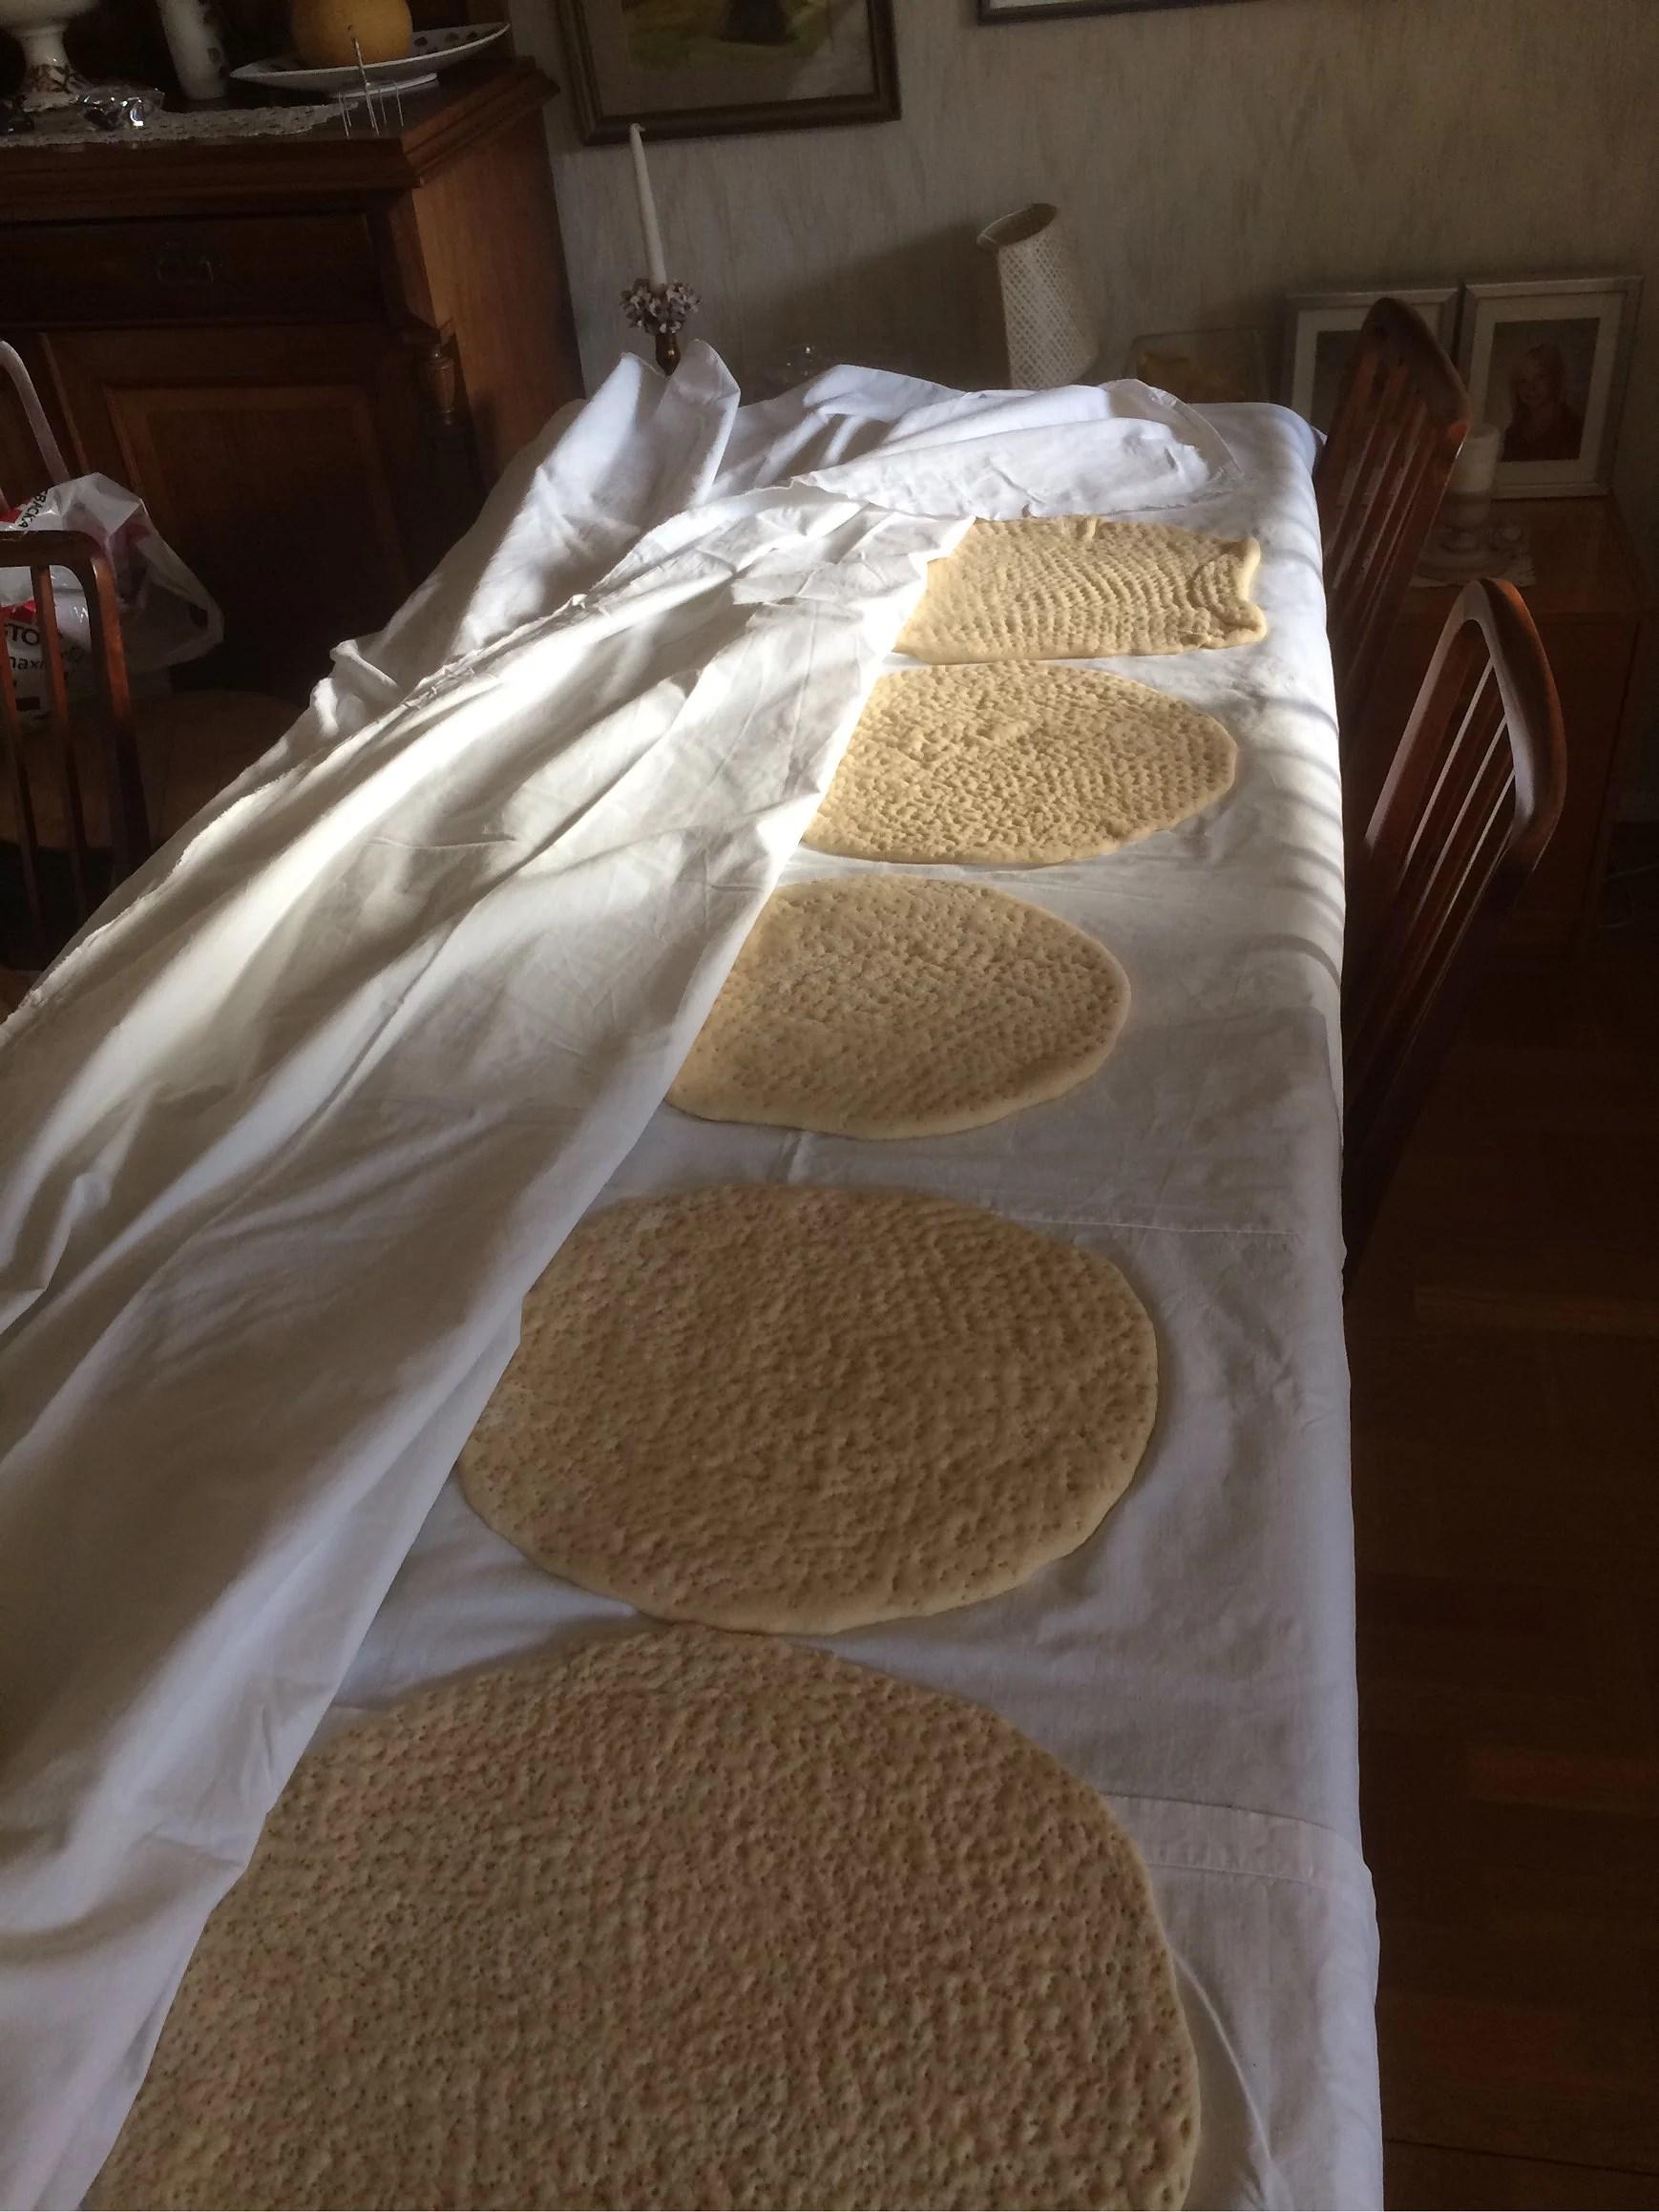 Brödbak